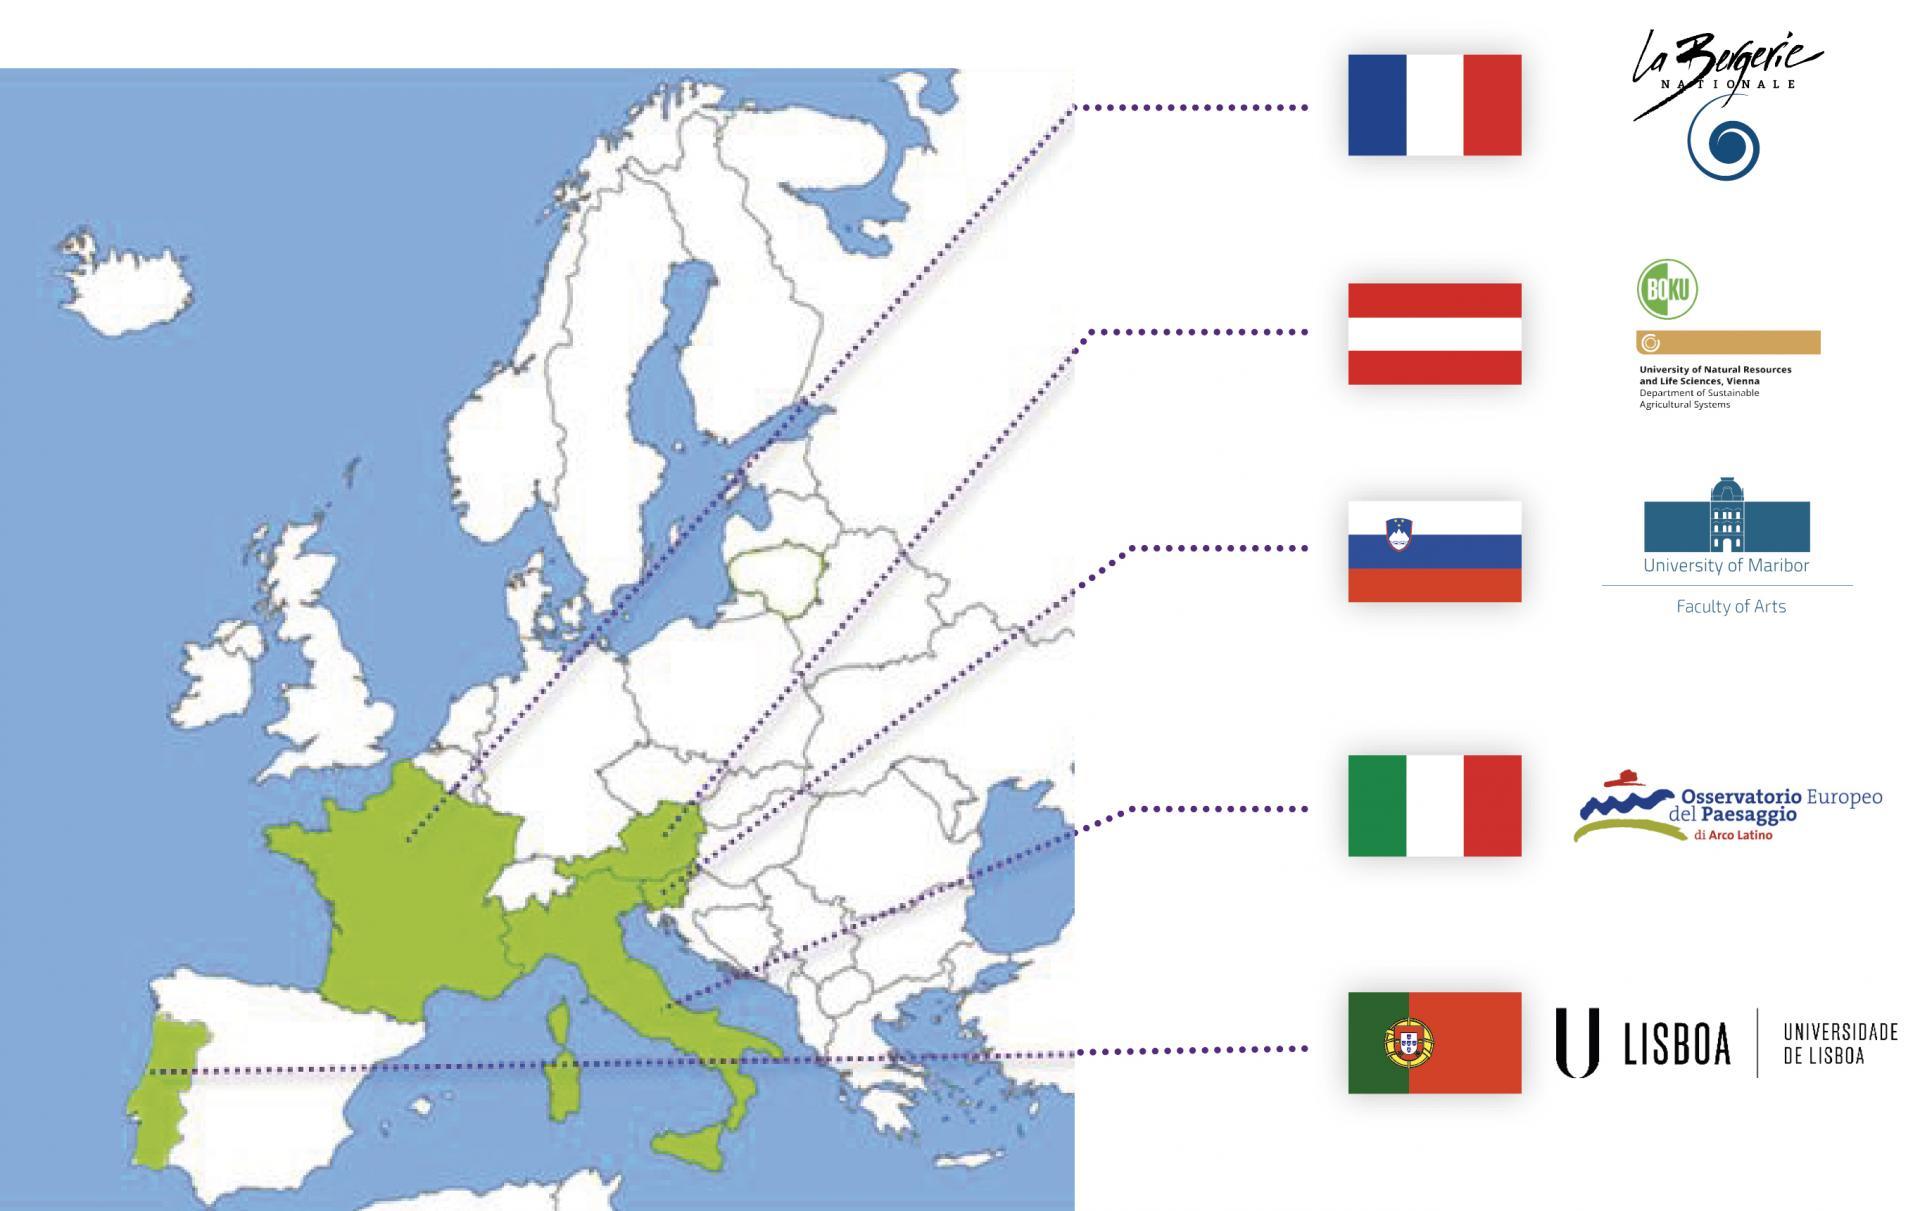 A851f662 3b9aca00 1 carte europe2